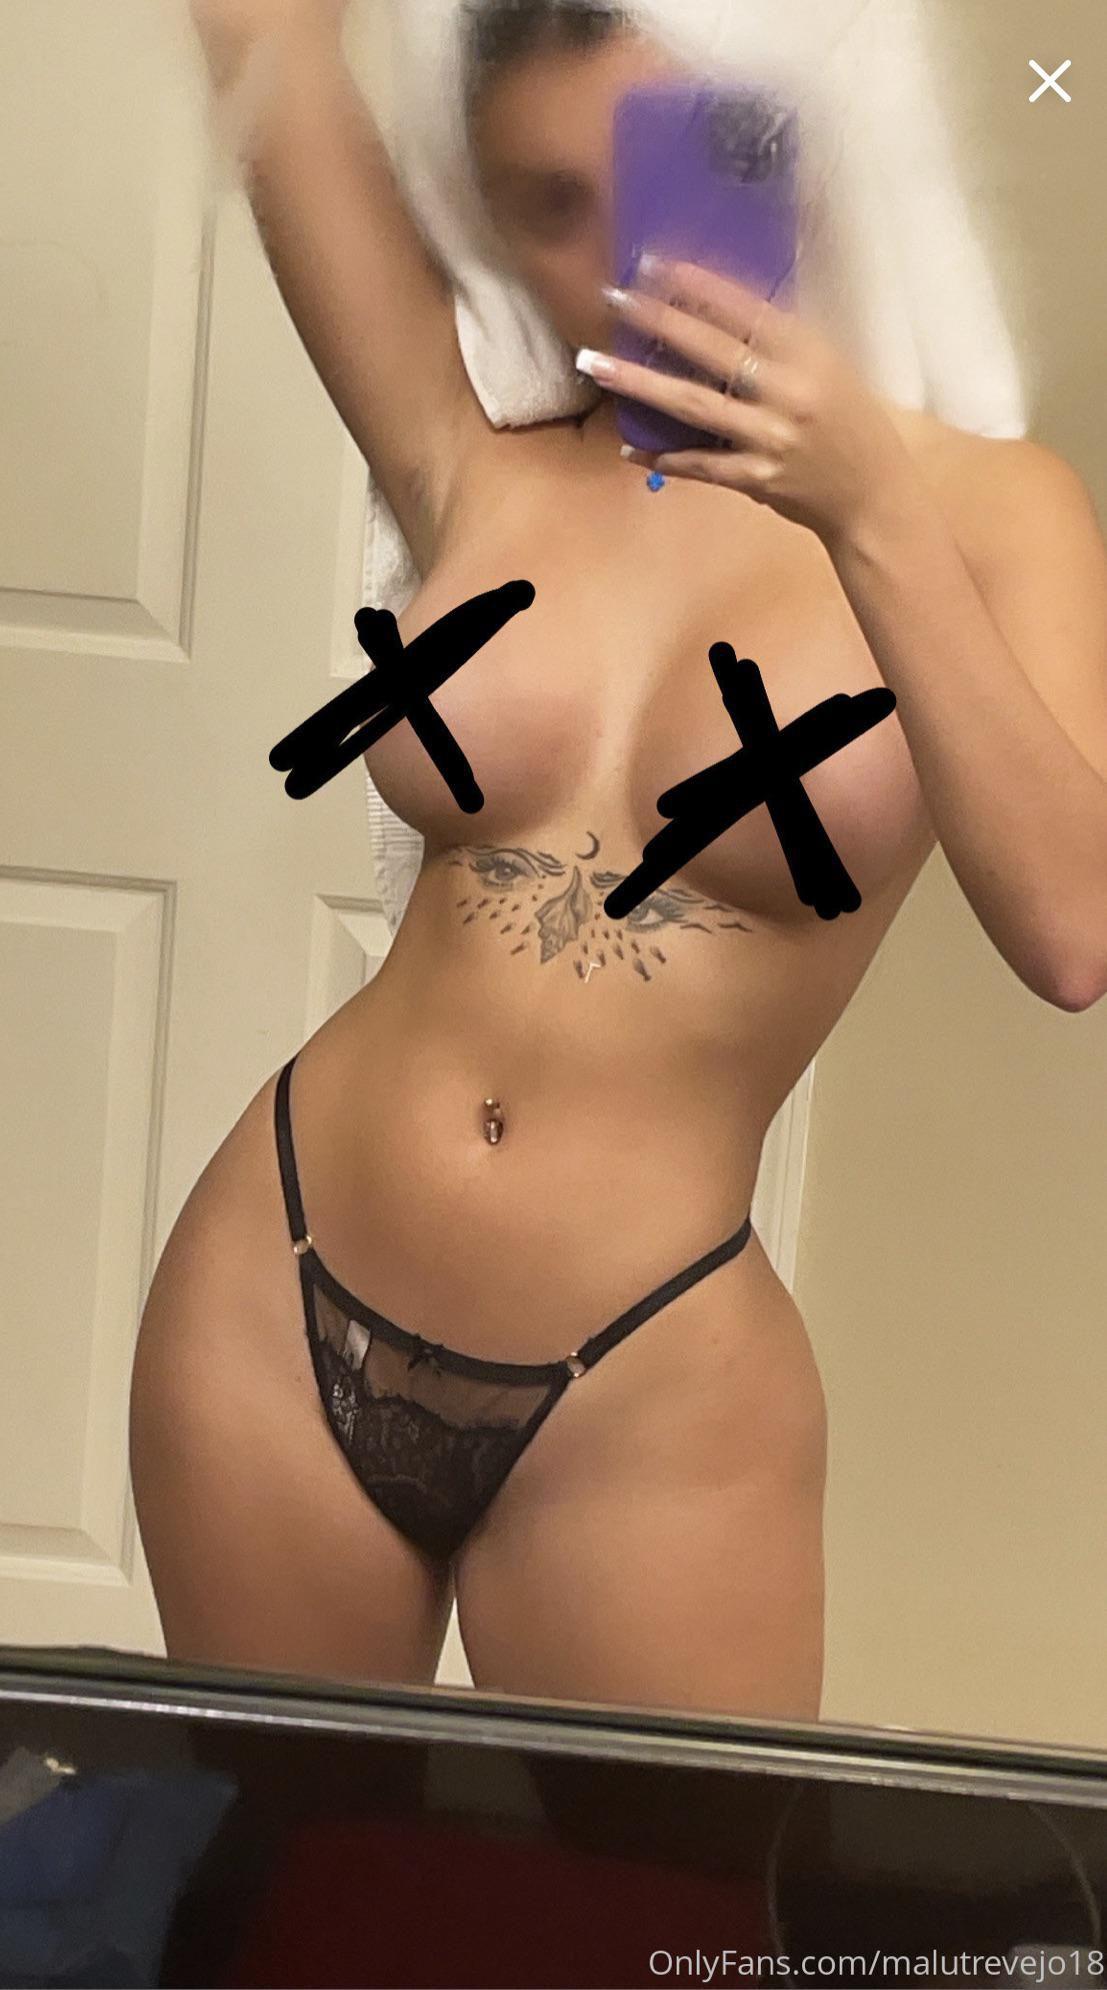 Malu Trevejo Topless Censored